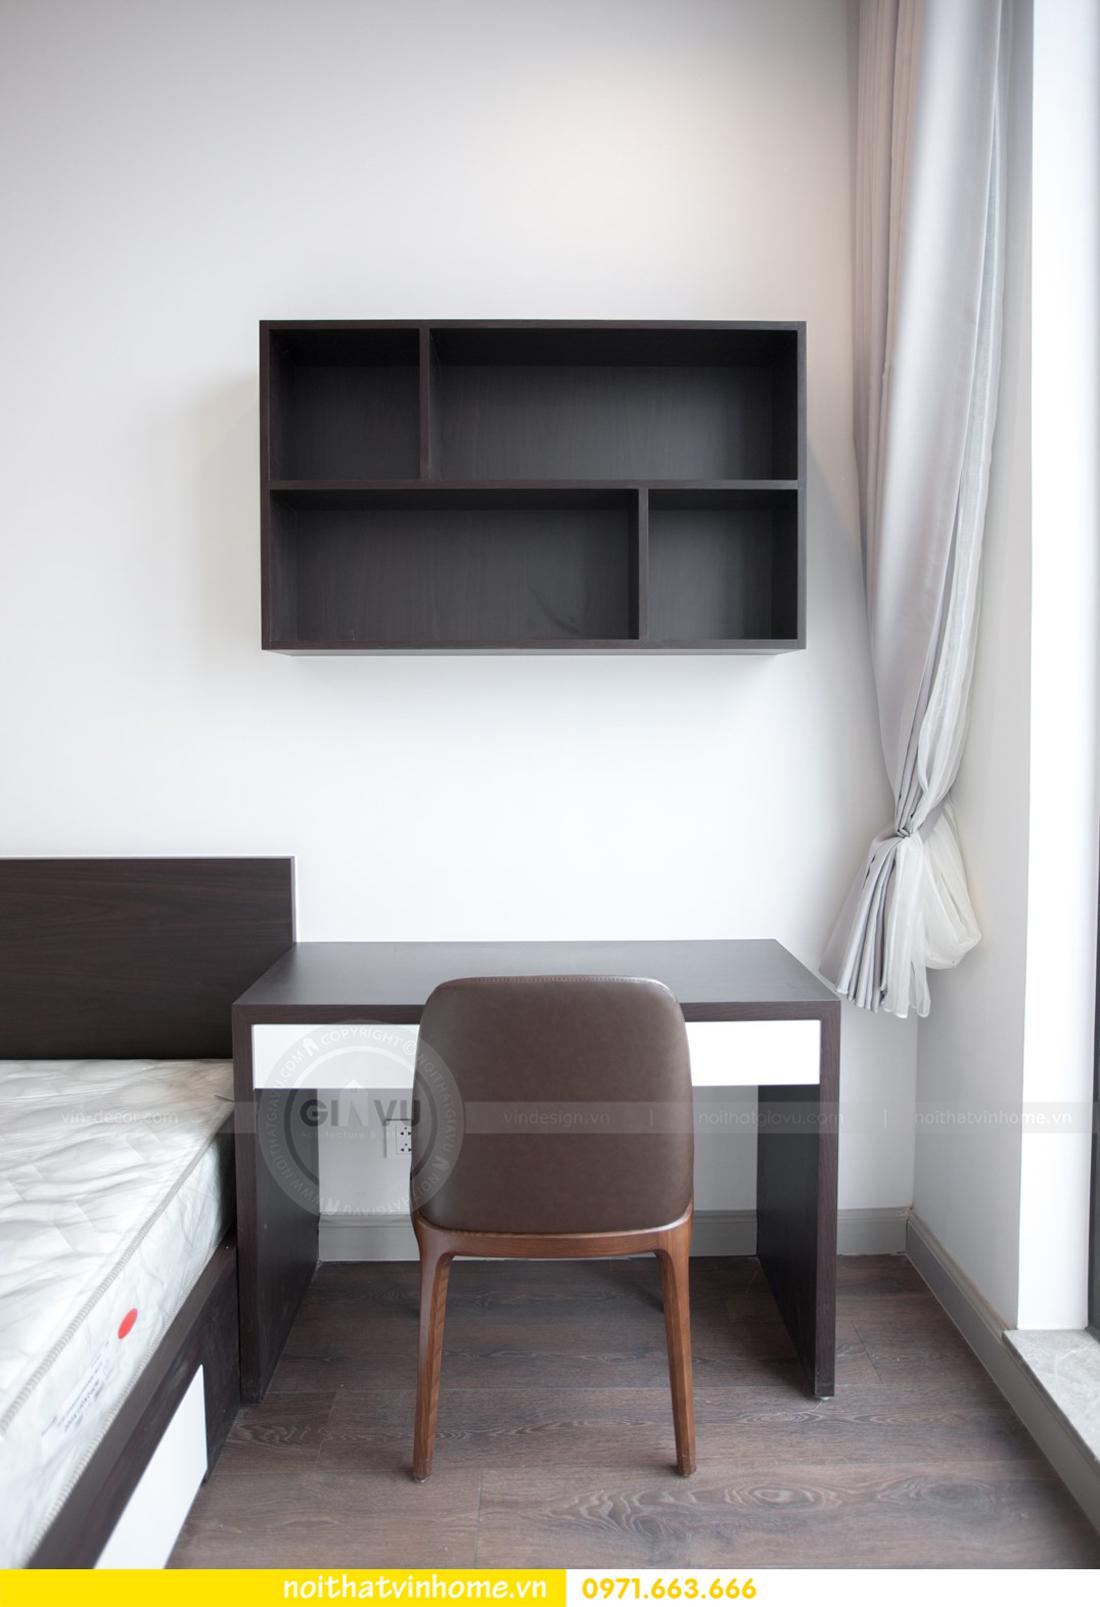 thi công nội thất chung cư 2 phòng ngủ tại 69B Thụy Khuê anh Thanh 08